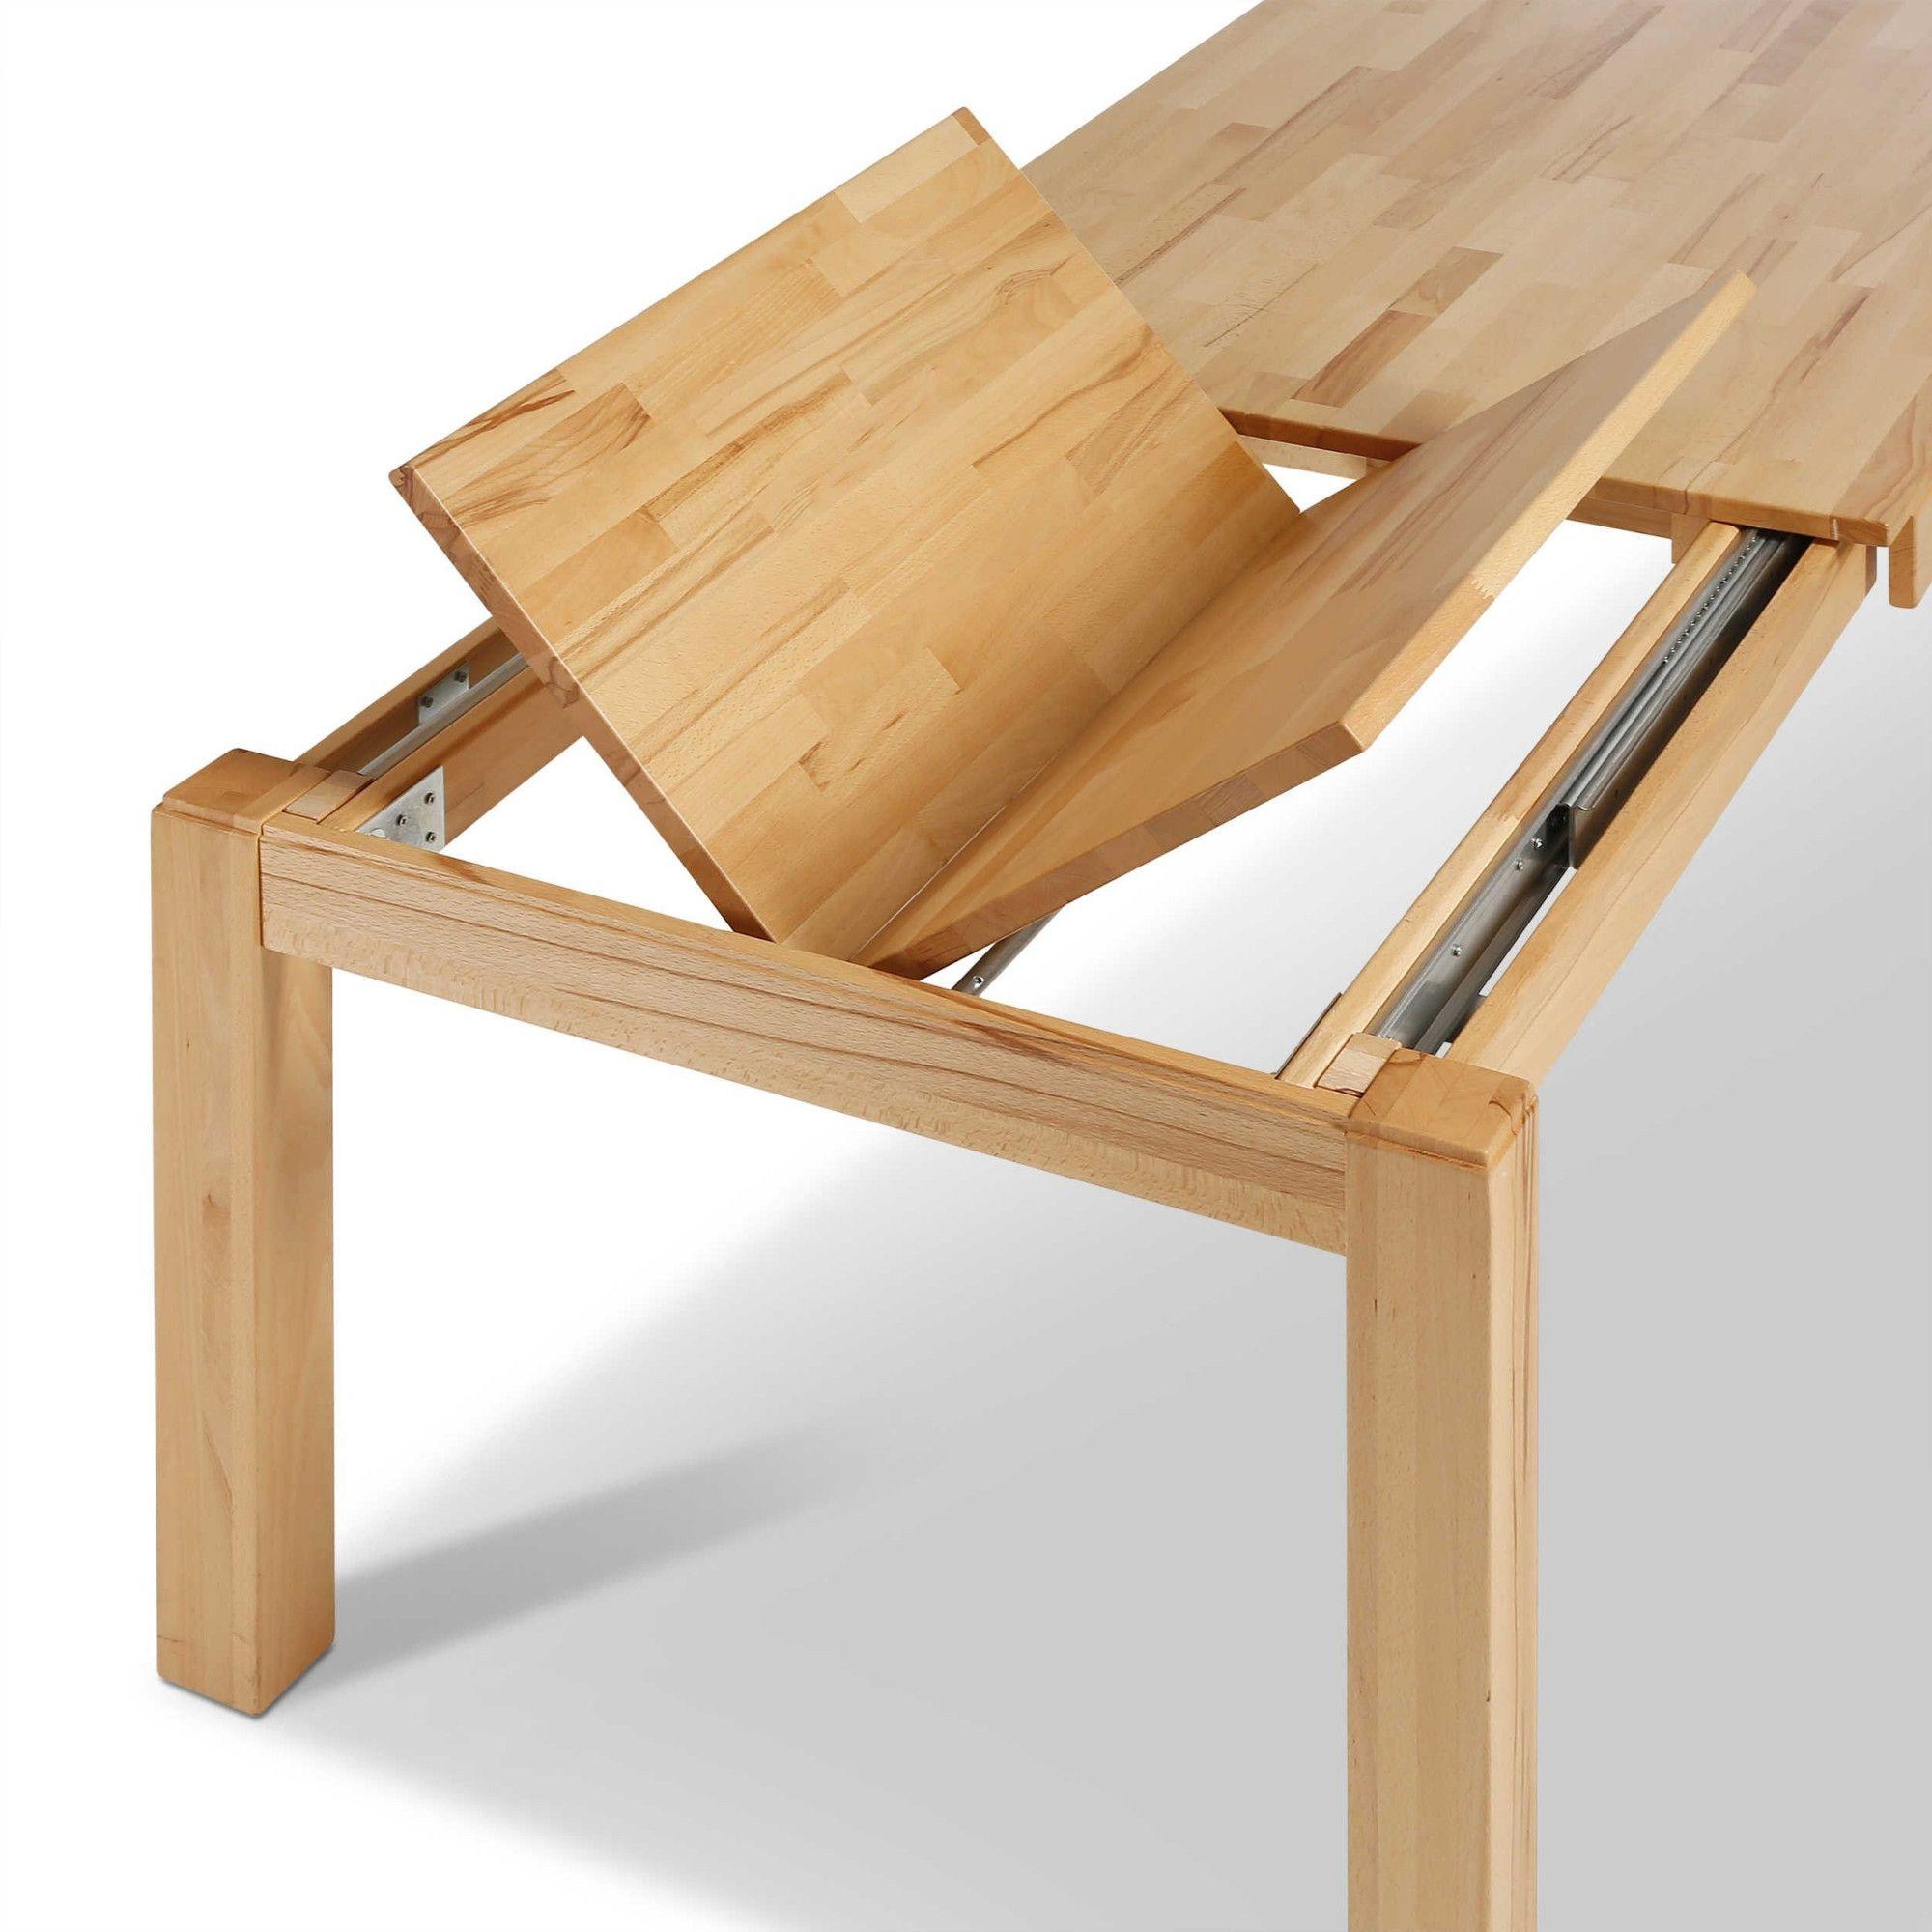 Tisch Mit Auszug Prag 140 X 90 Cm Esstische Ausziehbar Esstisch Ausziehbar Kuchentisch Ausziehbar Esstisch Massiv